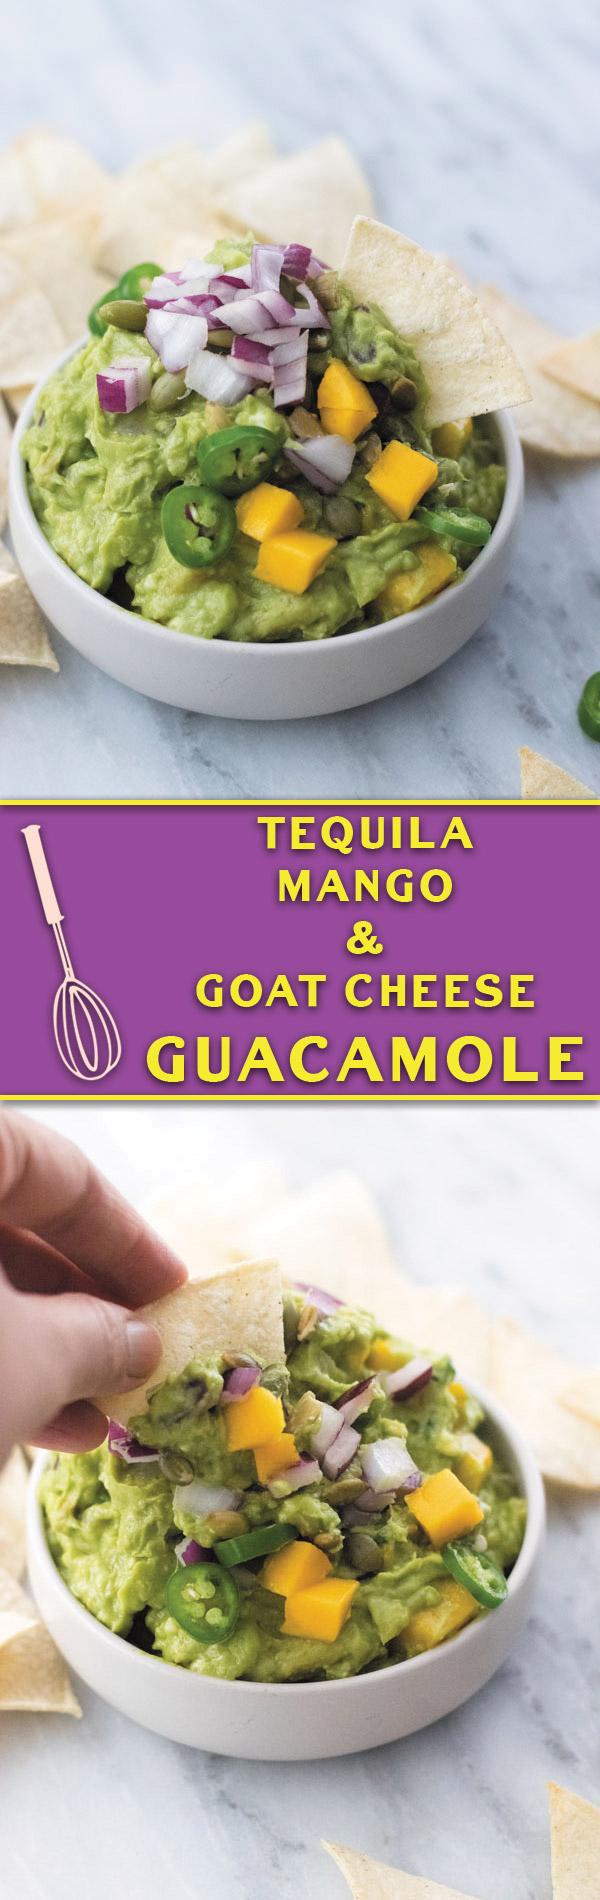 tequila-mango-&-goat-cheese-guacamole-LongPin